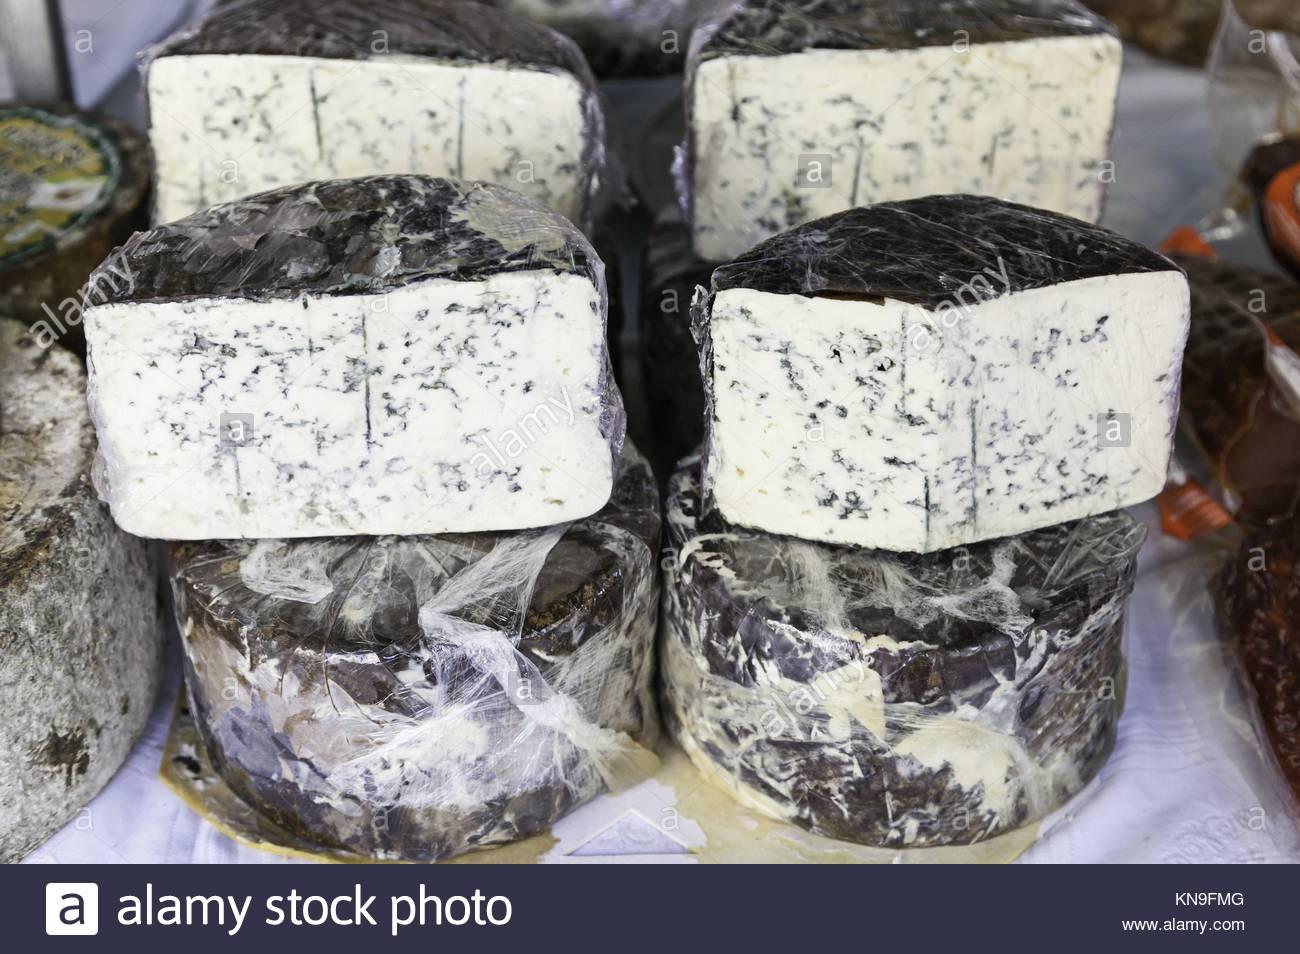 Formaggio blu in un mercato, il dettaglio di un vecchio formaggio su un post in un negozio di alimenti sani. Immagini Stock